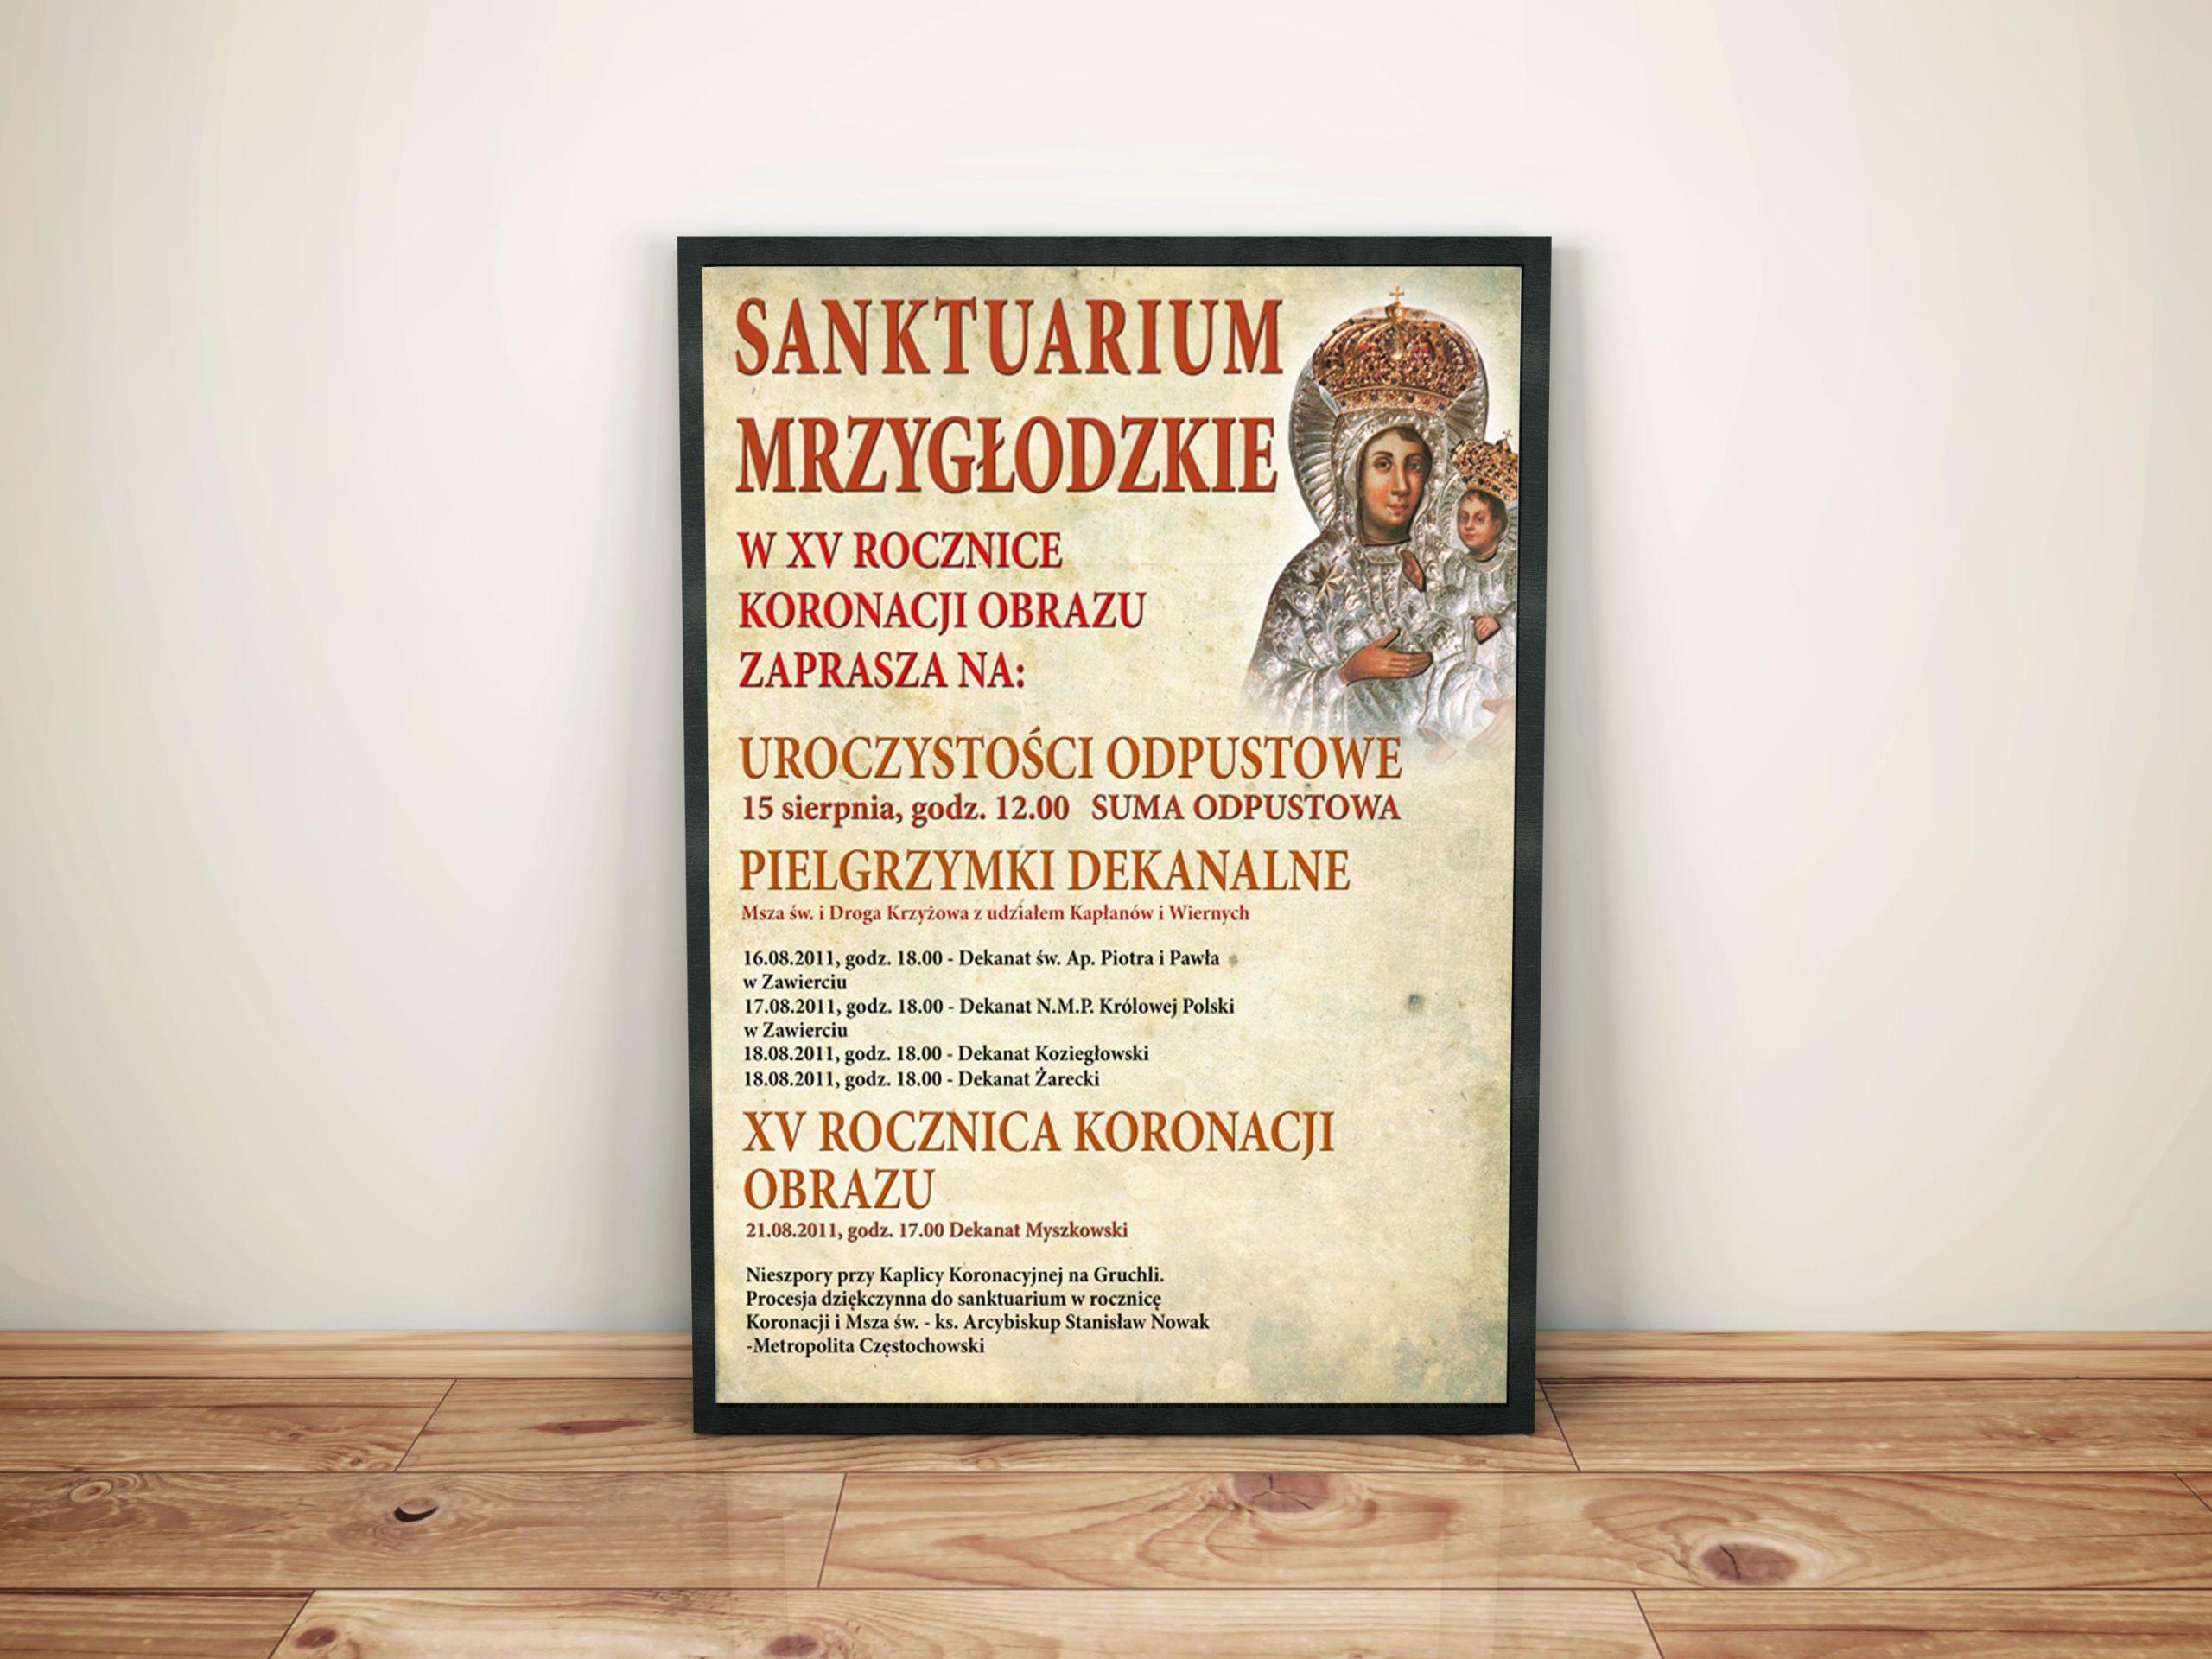 sanktuarium_posters